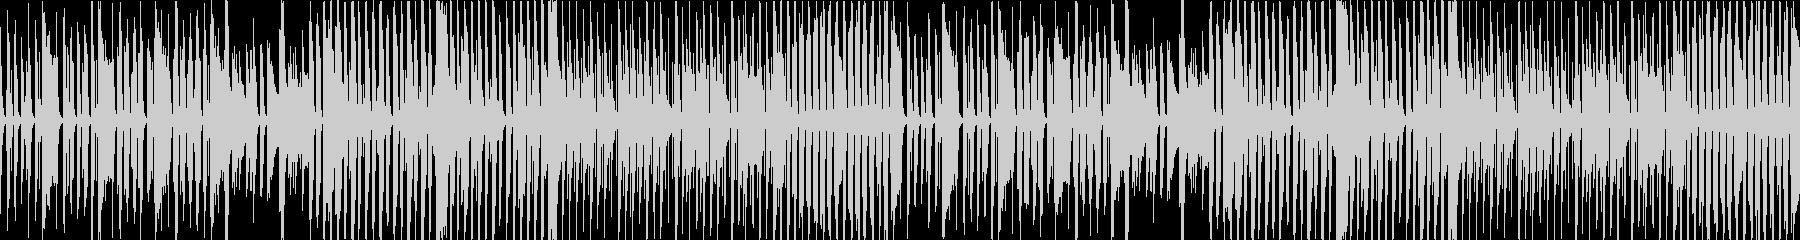 【Loop】呑気で平和なコミカル曲の未再生の波形